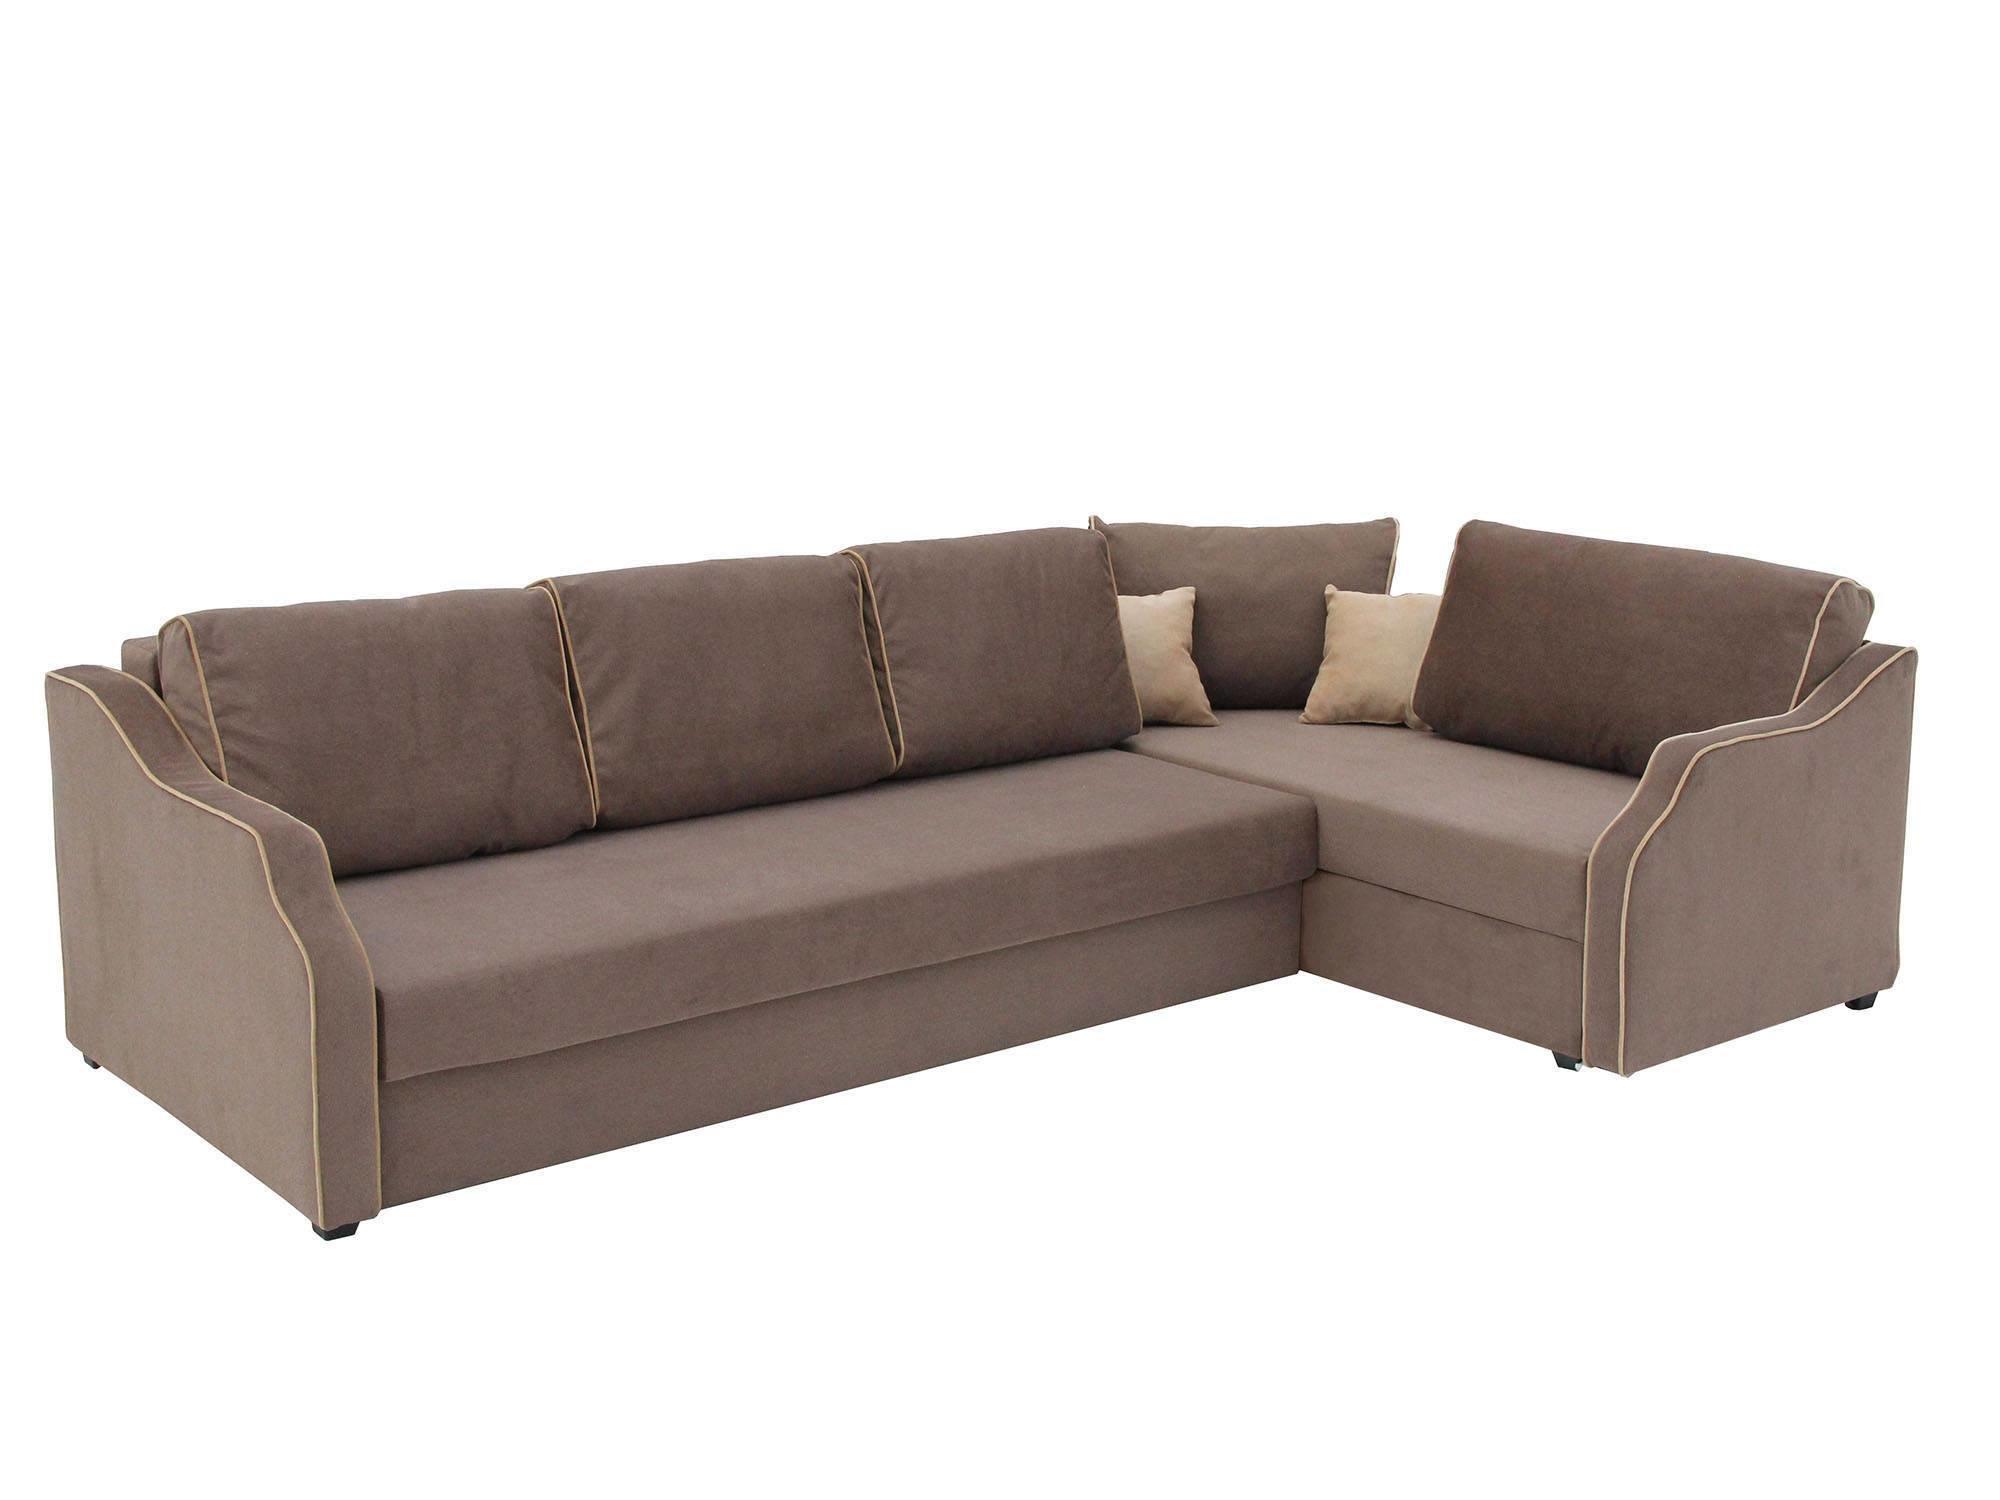 купить угловой диван недорого в москве